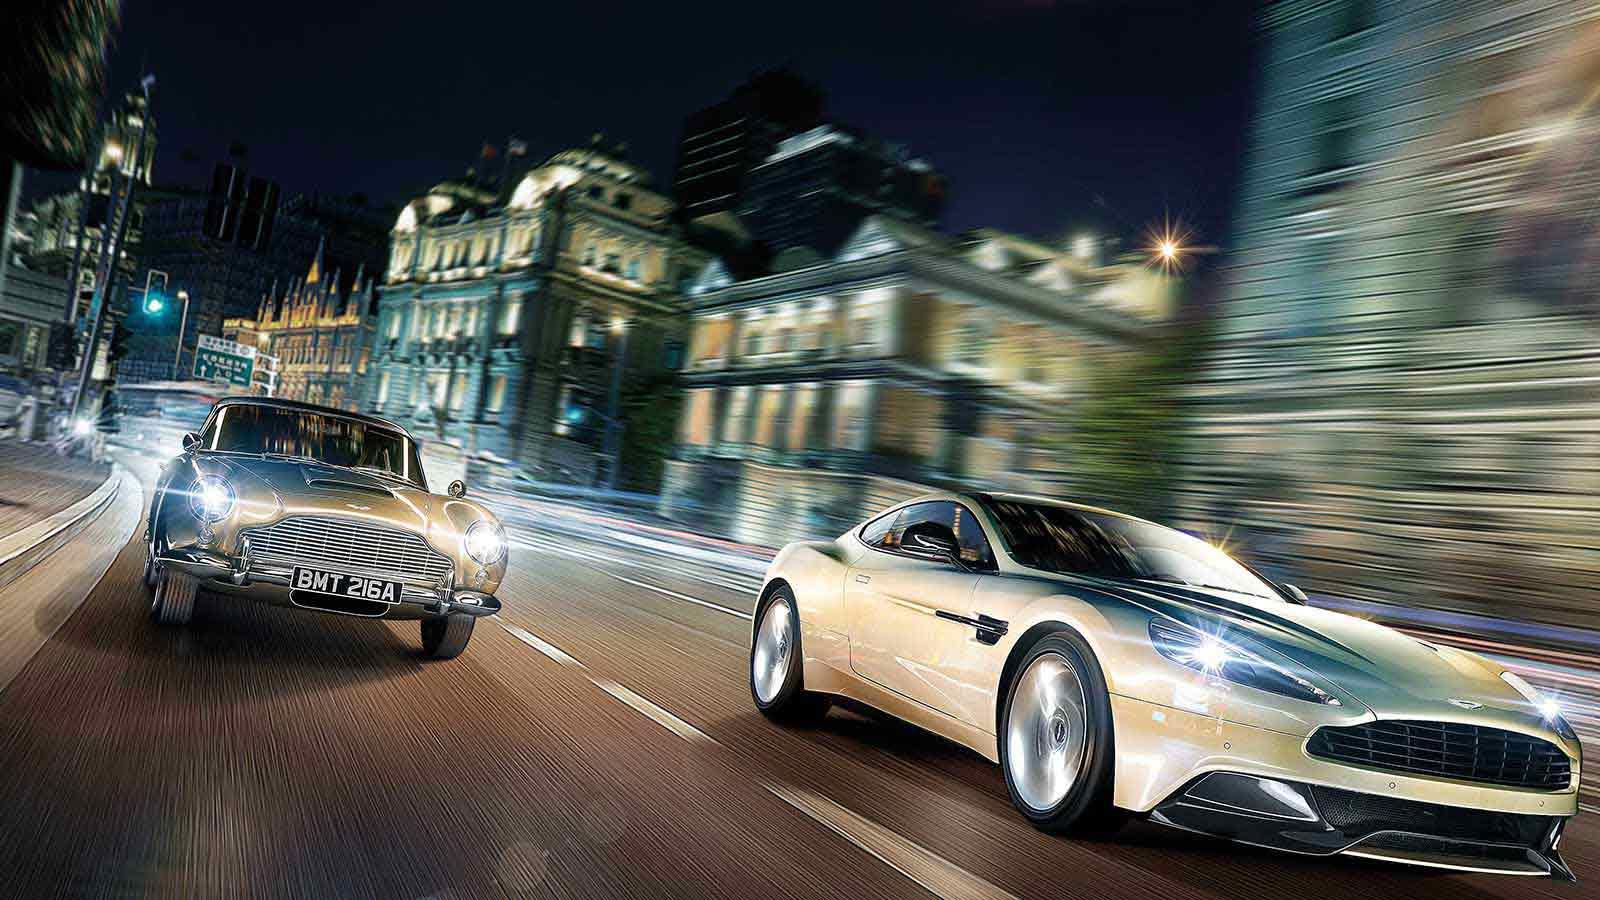 Zwei schnelle Autos auf der Straße. Aksis Werbeagentur für Norbert Muerrle